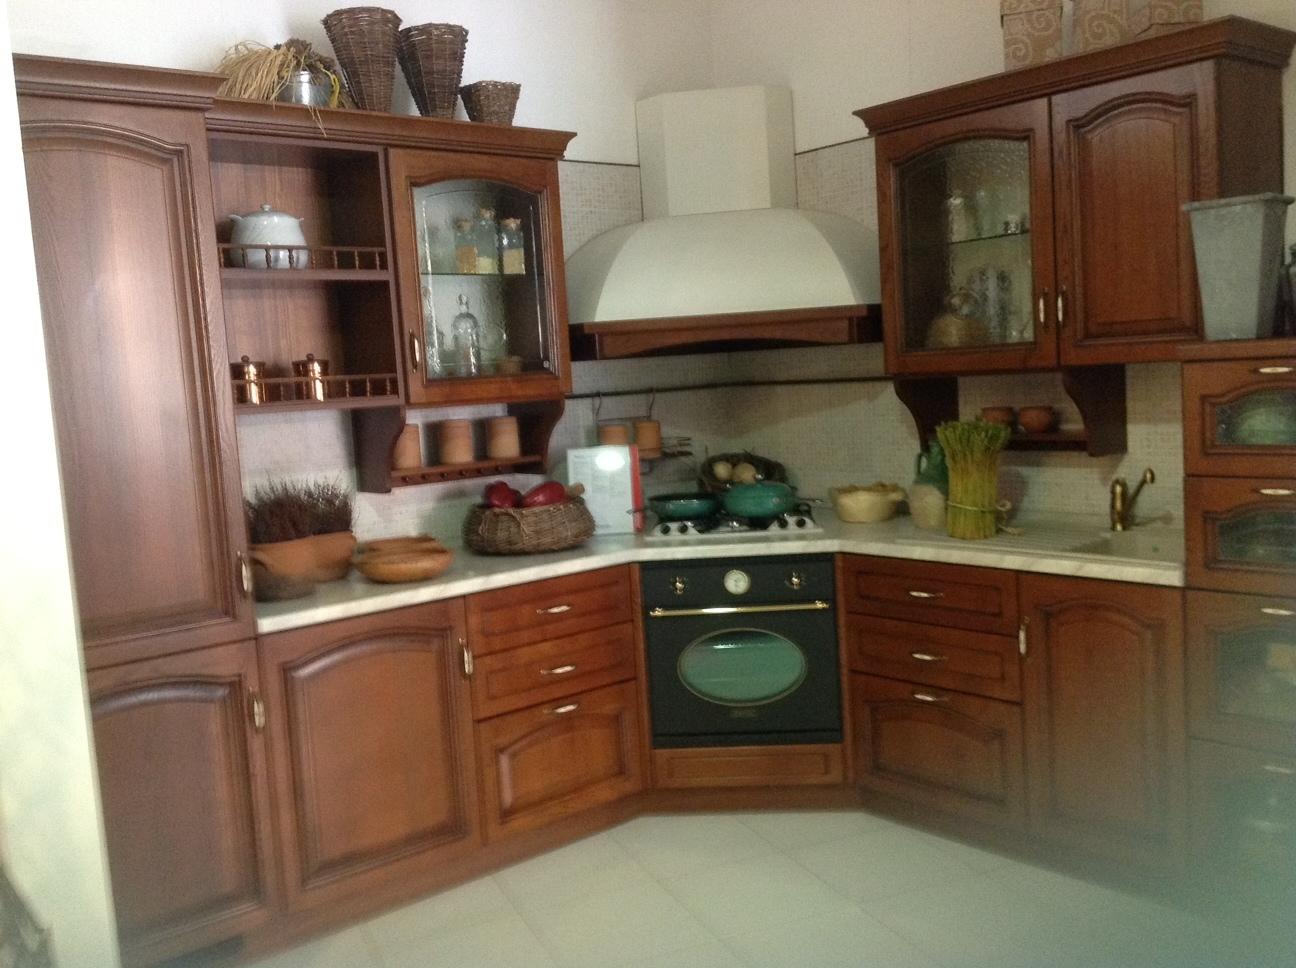 Cucina scavolini margot legno cucine a prezzi scontati for Cucine scavolini prezzi